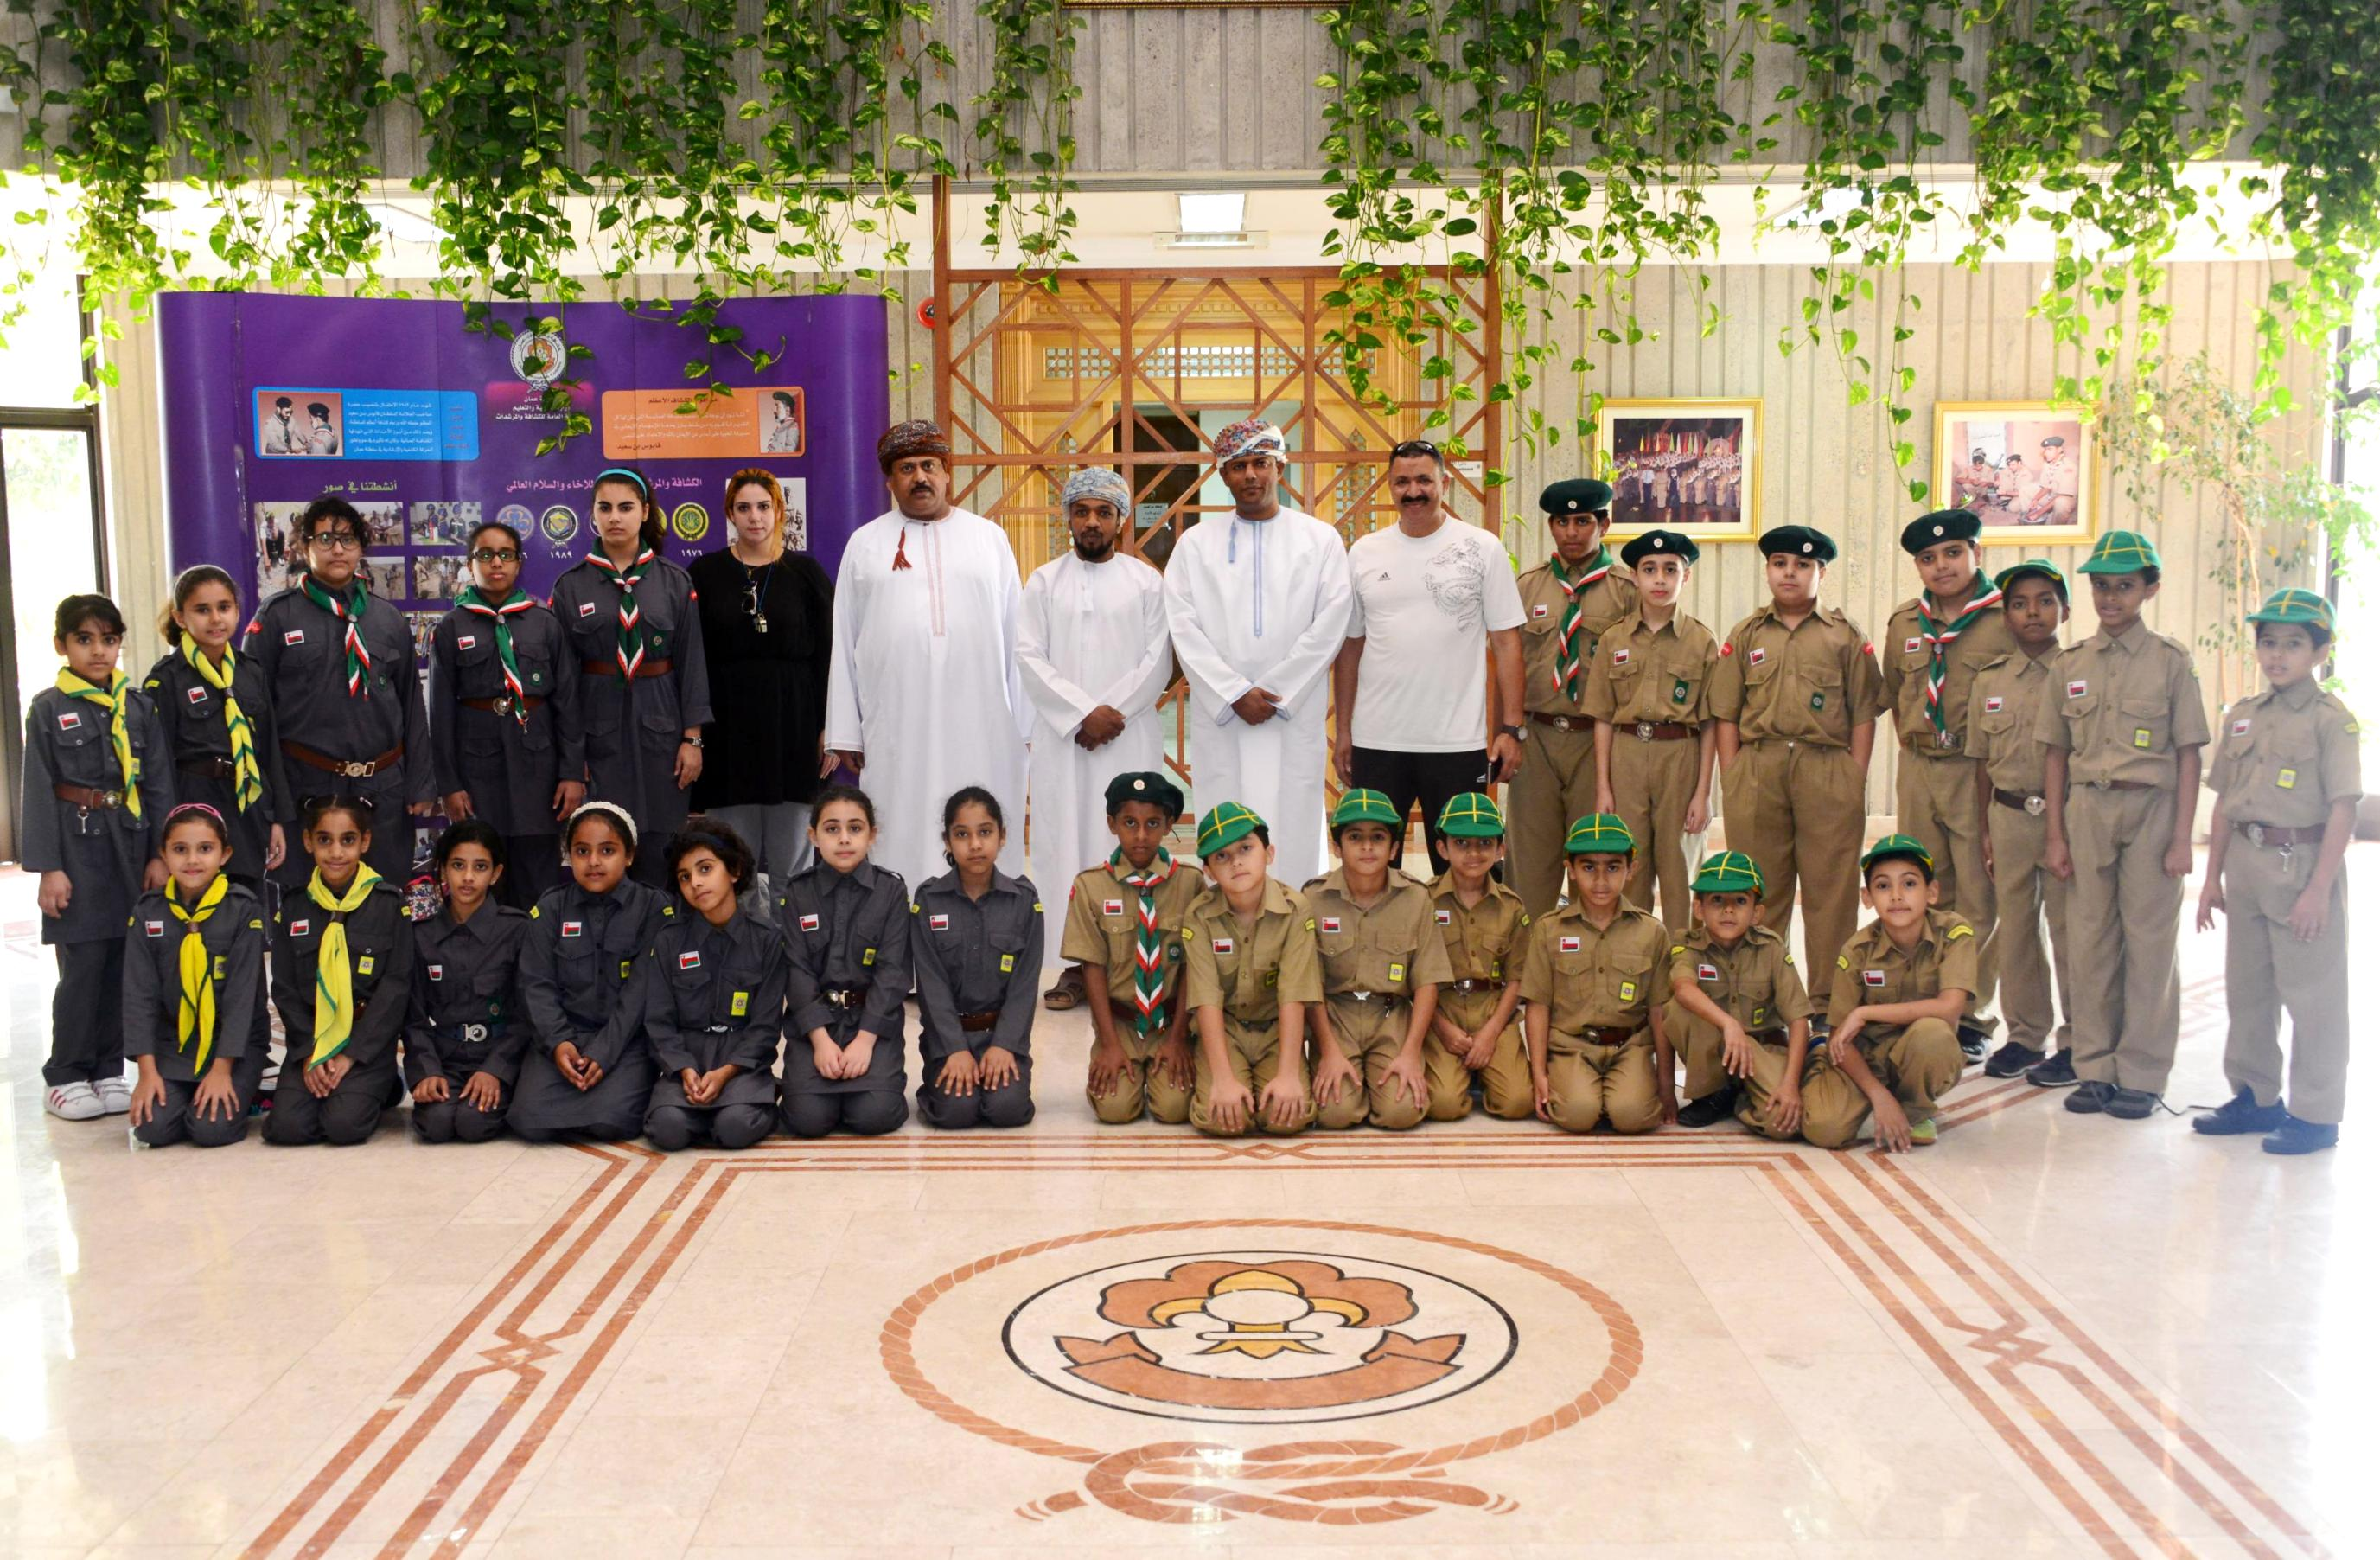 وحدة أشبال وزهرات مدرسة السلطان قابوس الخاصة  تزور مبنى الكشافة والمرشدات